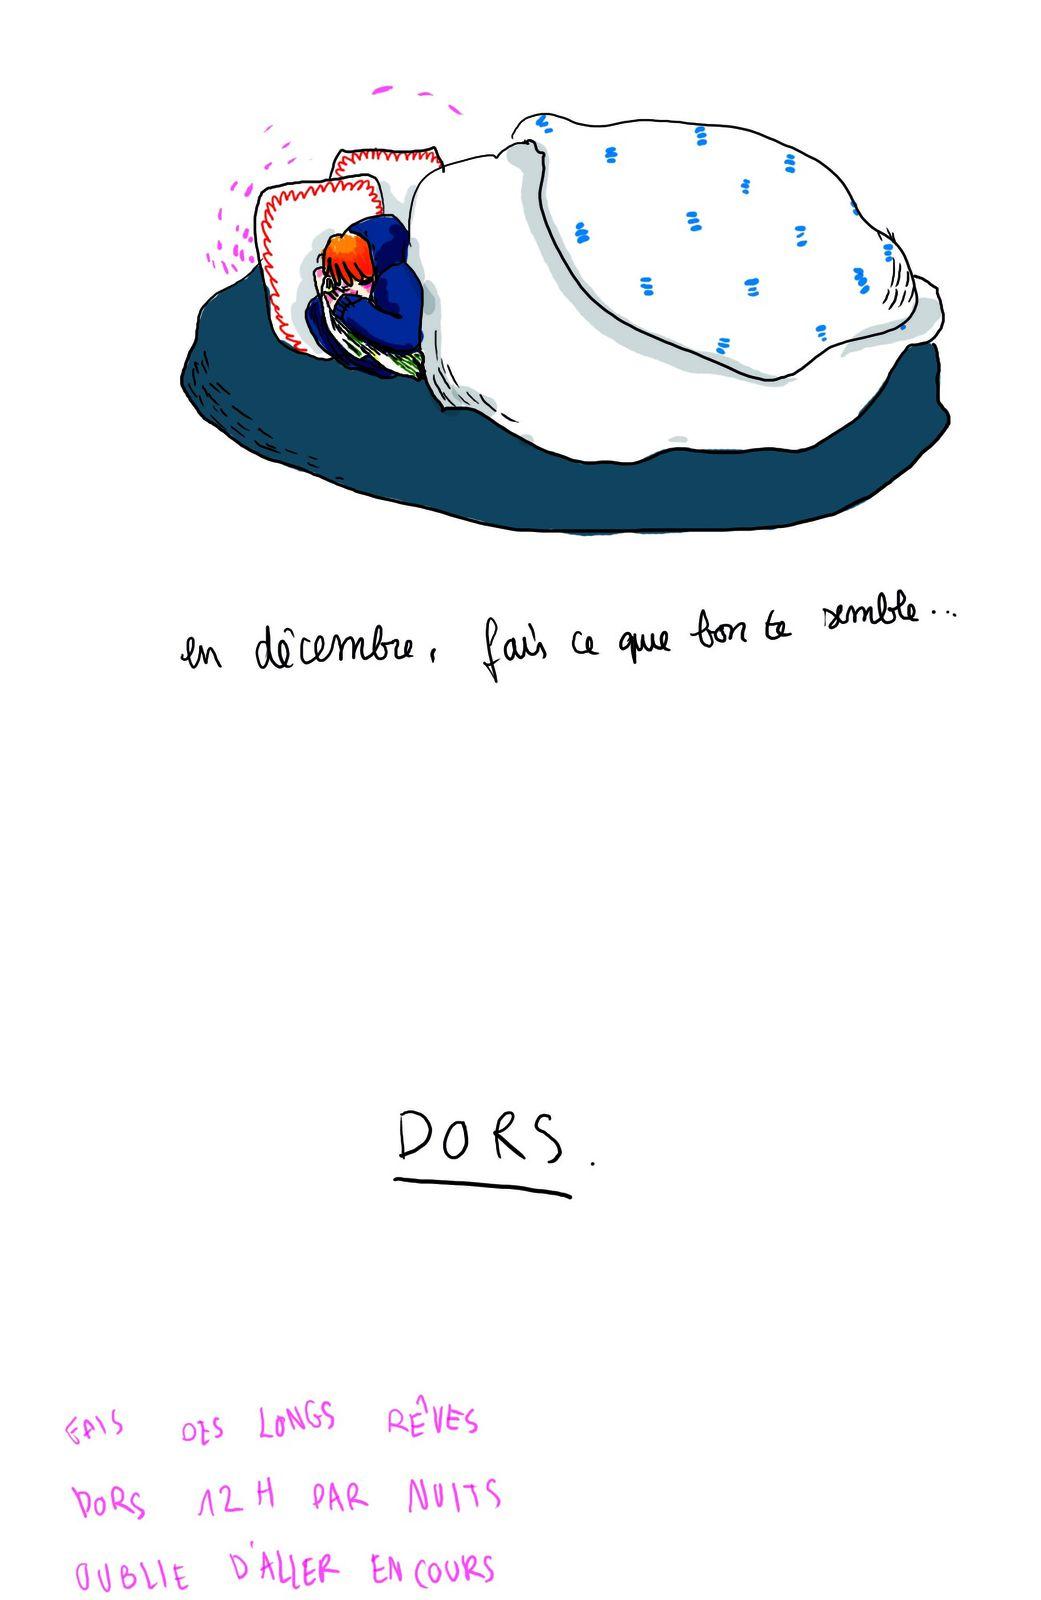 DORS1